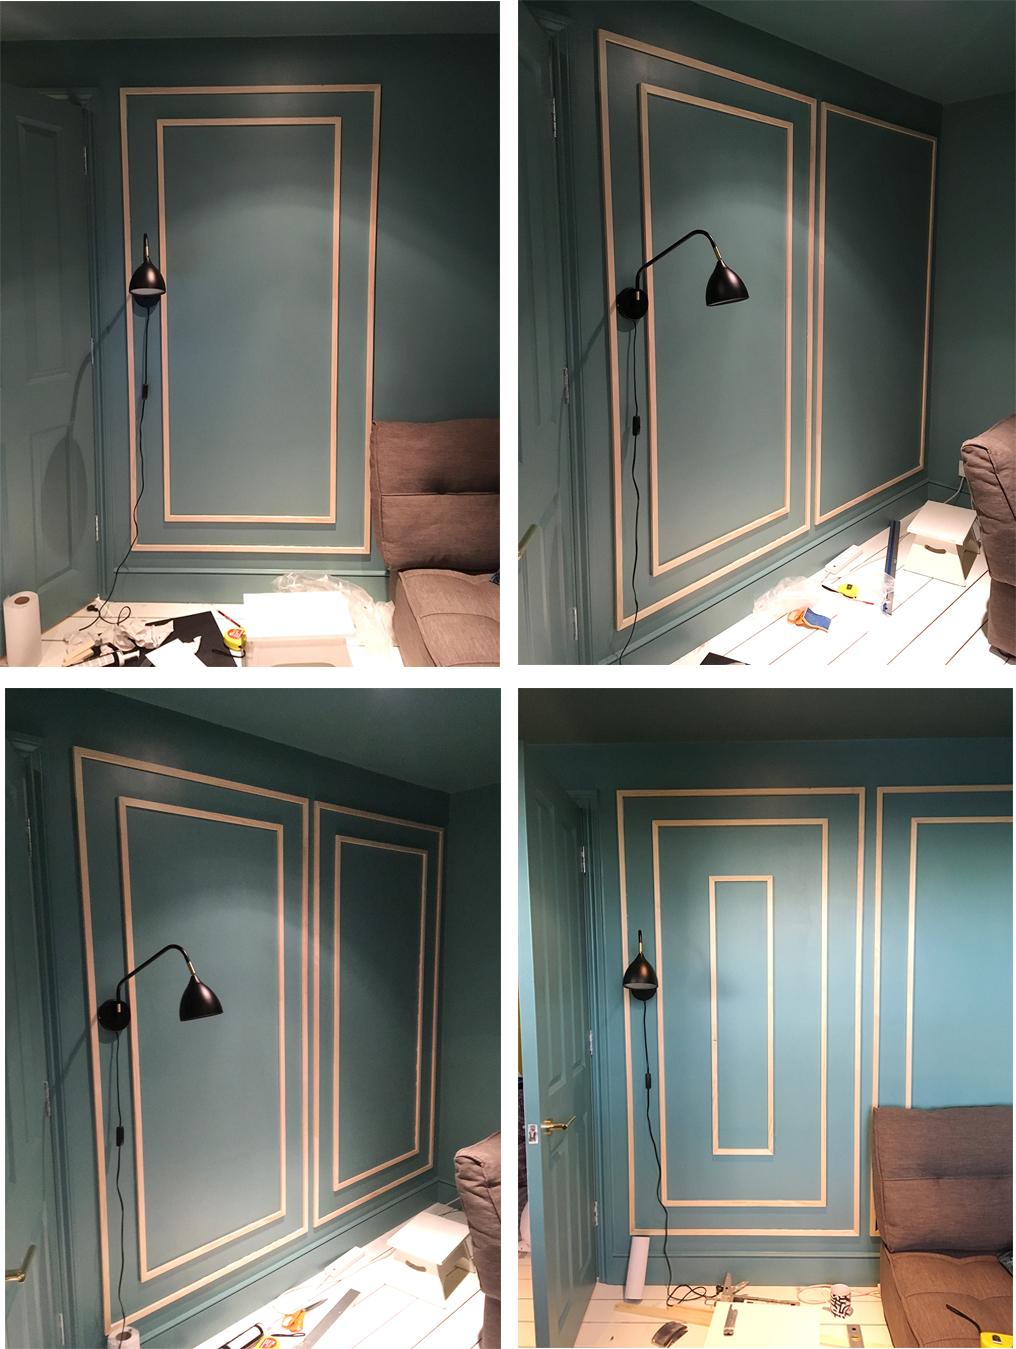 Decorative Wall Moulding DIY | F R E N C H F O R P I N E A ...